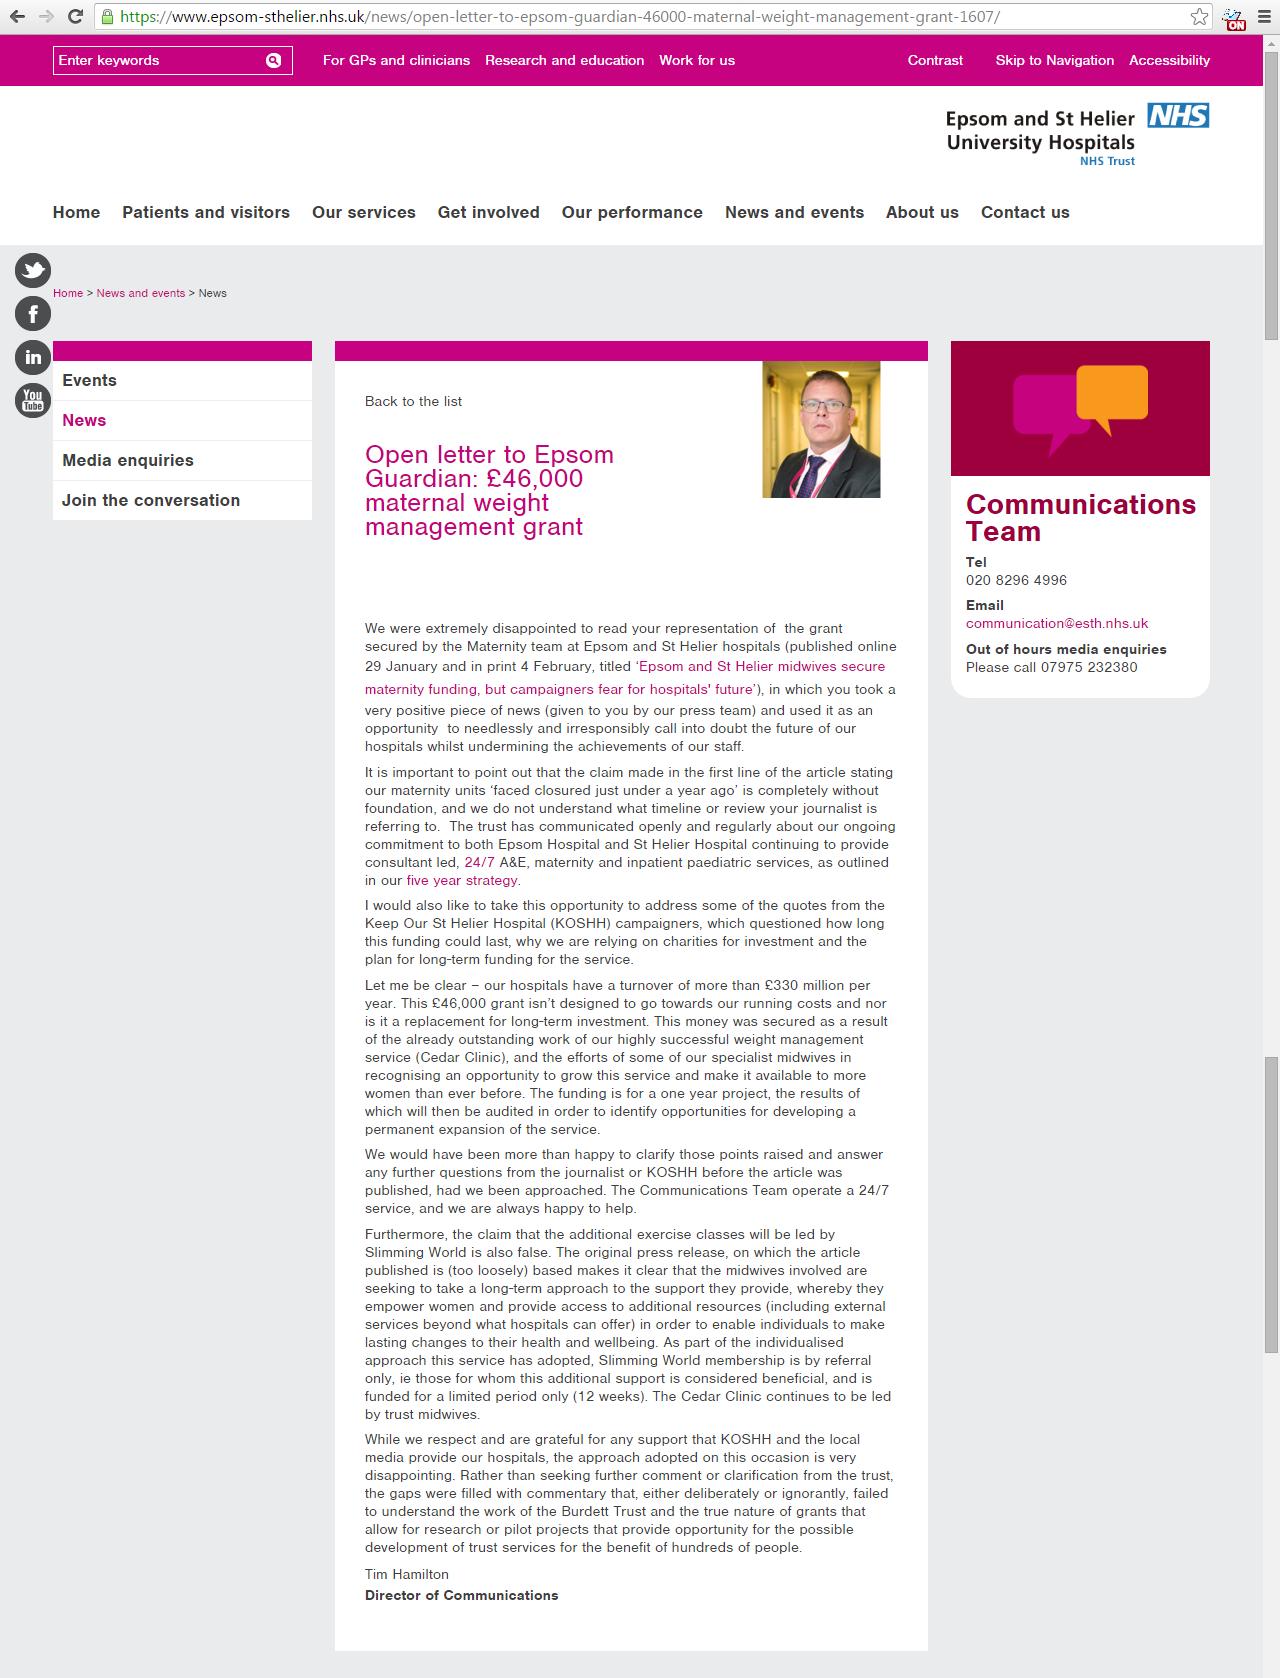 20160204 - Epsom St Helier Trust - Open Letter to Epsom Guardian